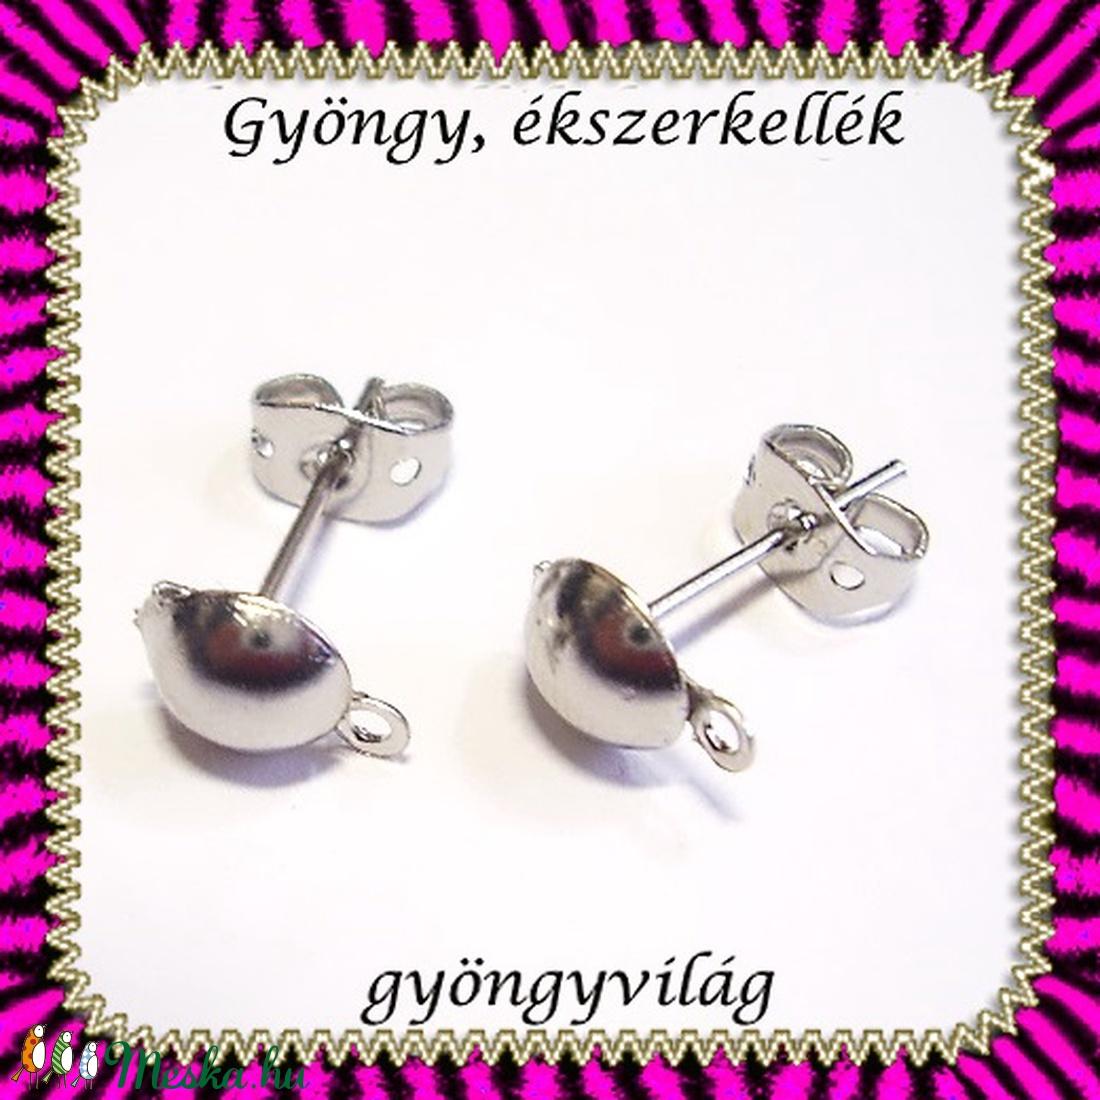 Bedugós fülbevaló alap 5 pár BFK-B05 E - gyöngy, ékszerkellék - egyéb alkatrész - Meska.hu